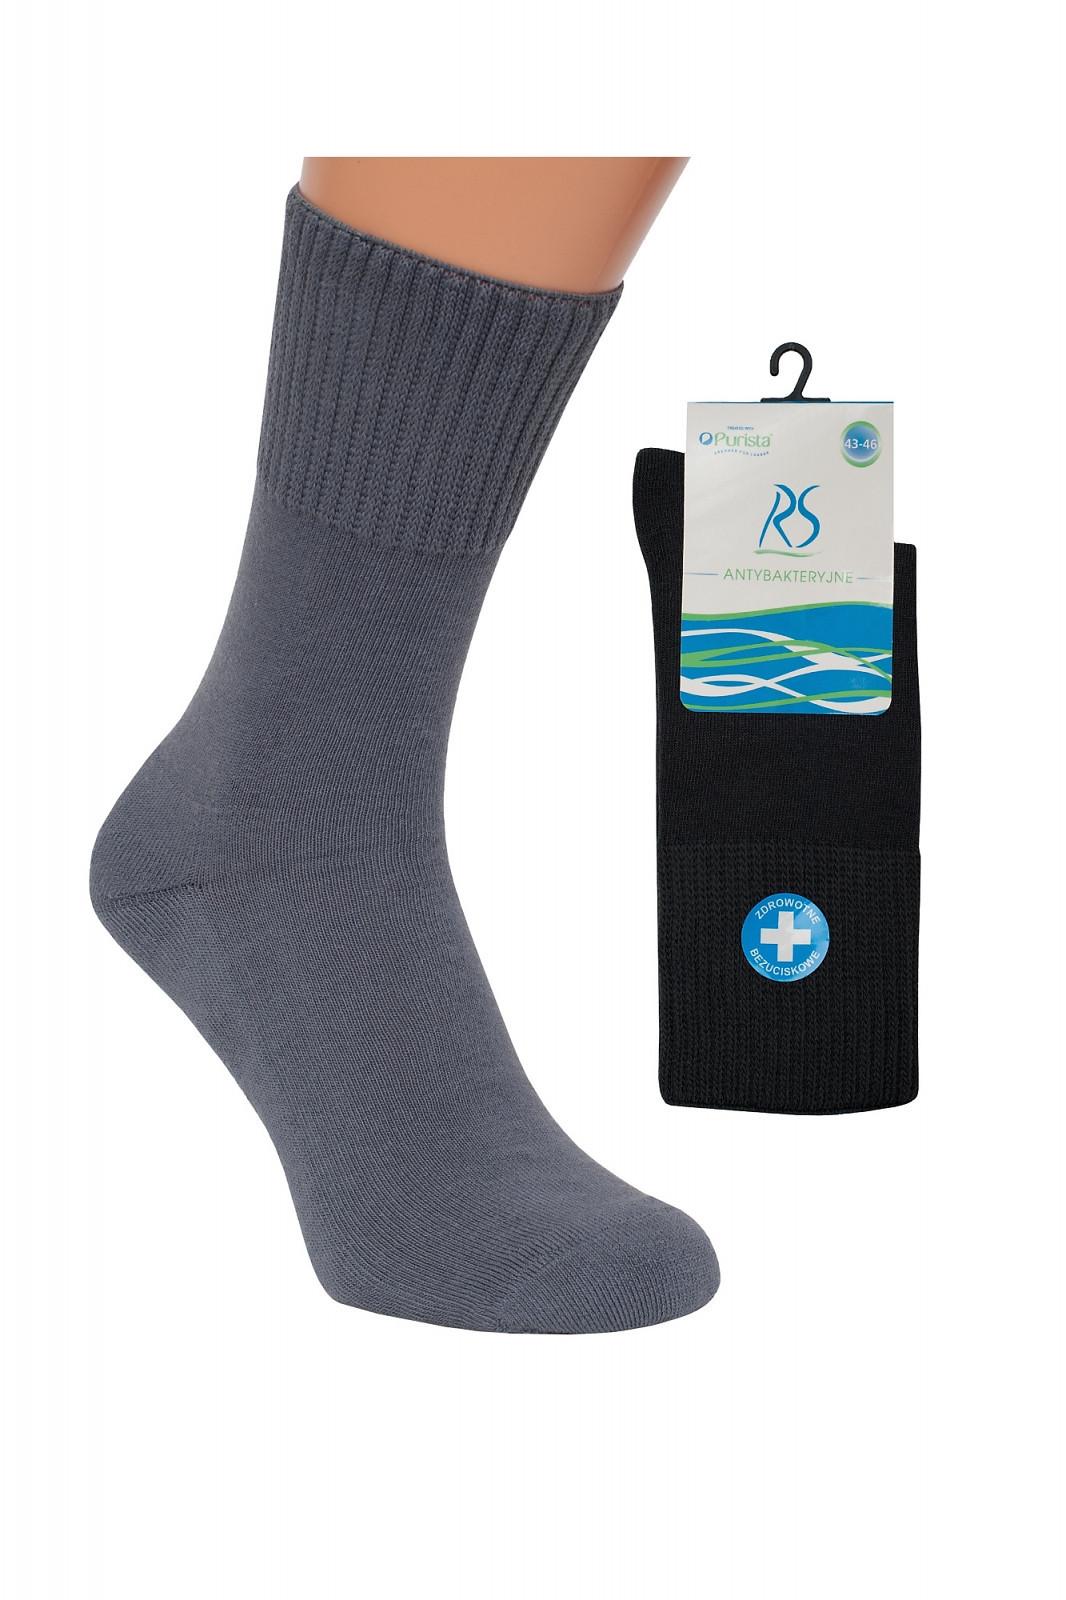 Pánske ponožky Regina Socks Purista Antybakteriální Froté čierna 39-42